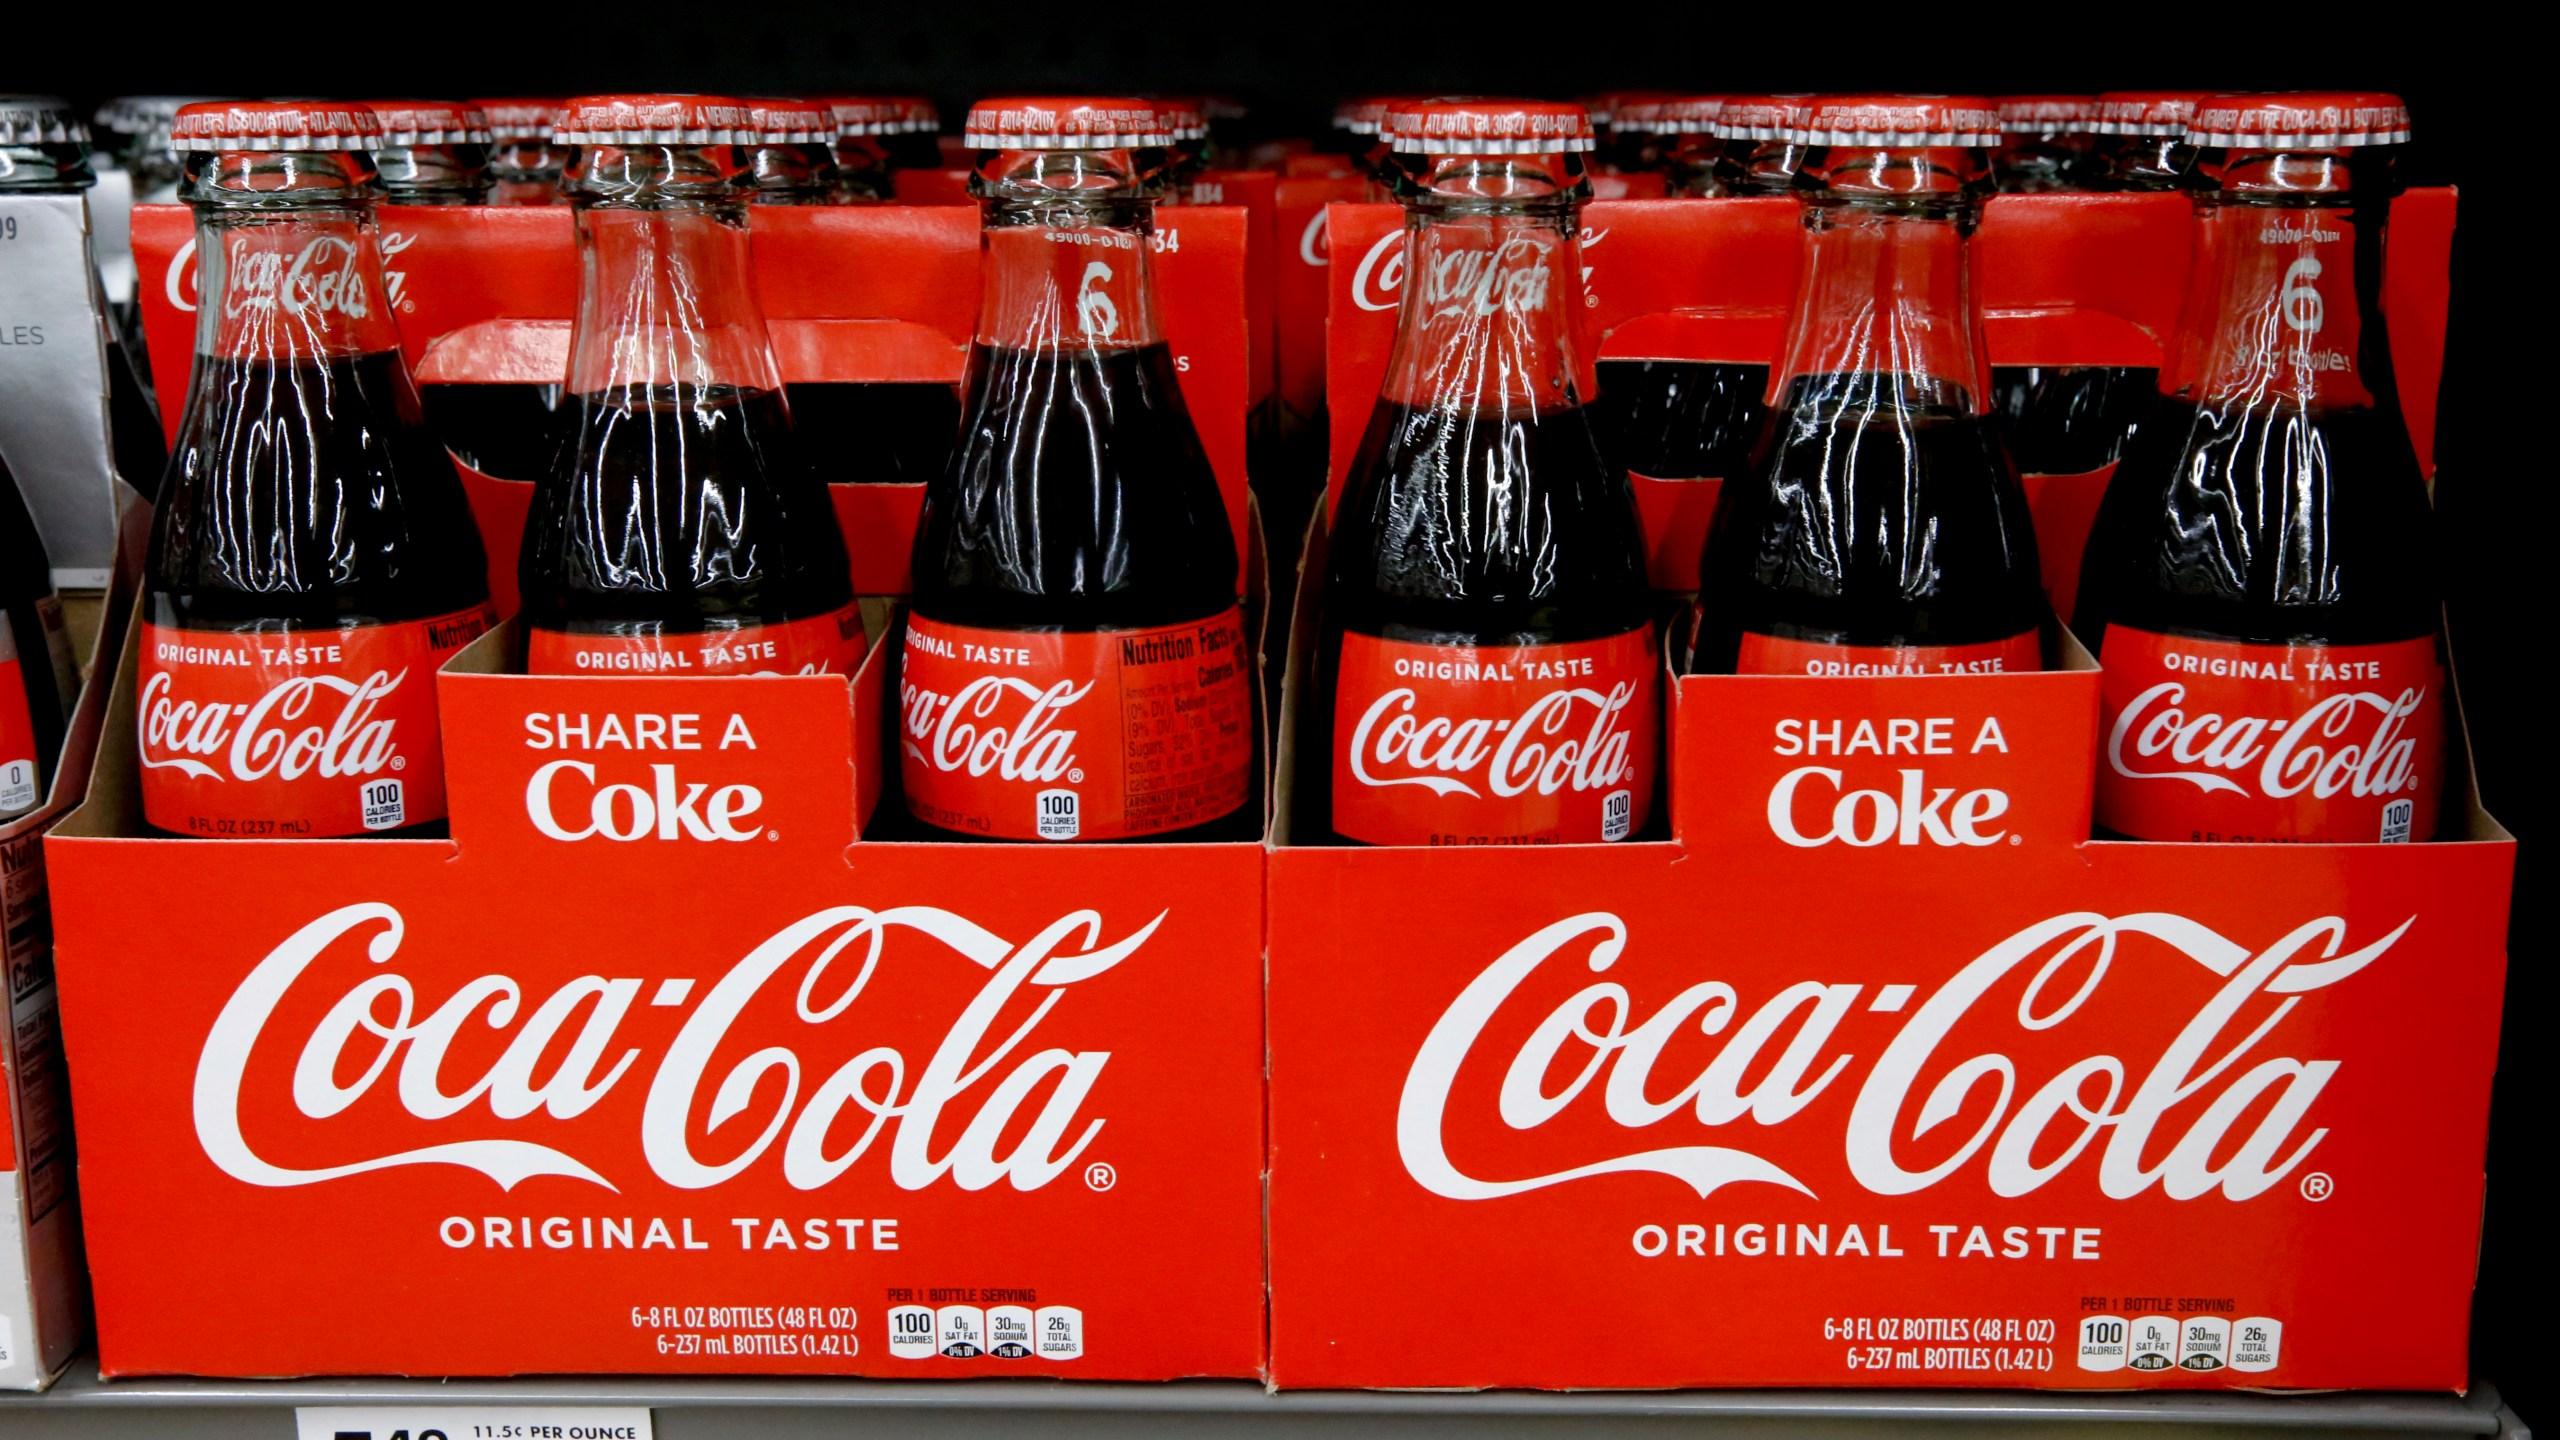 Coca_Cola_Cannabis_50107-159532.jpg18094028